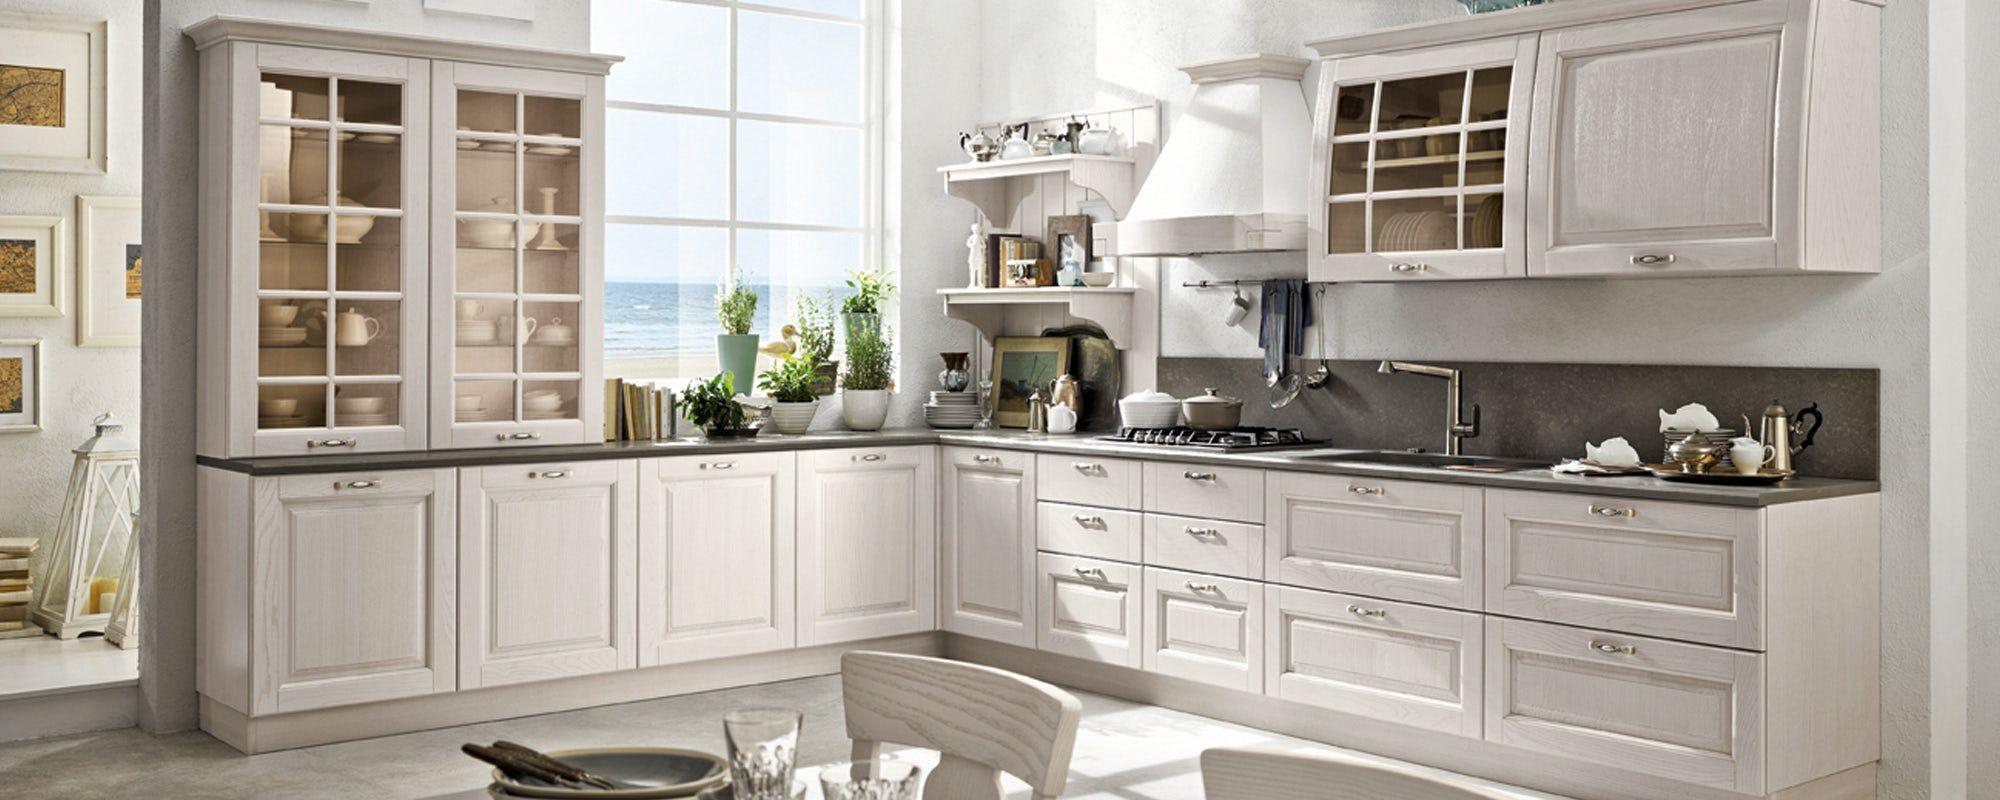 cucine stosa classiche - modello cucina bolgheri 08 | CASA MM